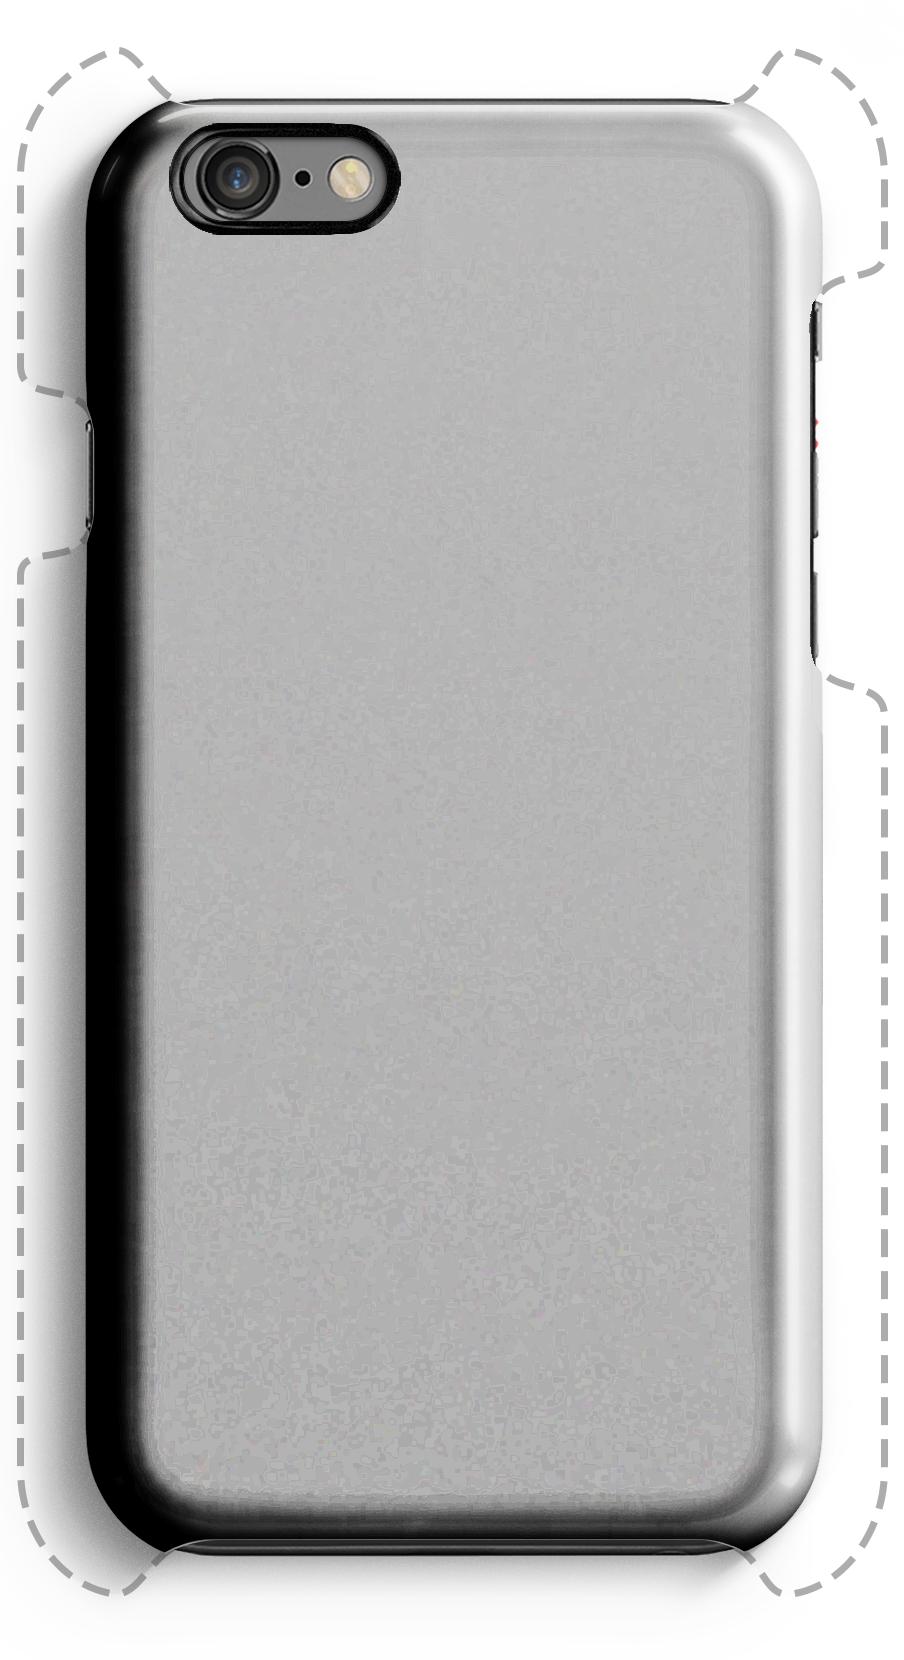 Pop Art  5 - iPhone 6   6S Heltryckt Fodral  d7078549264f7